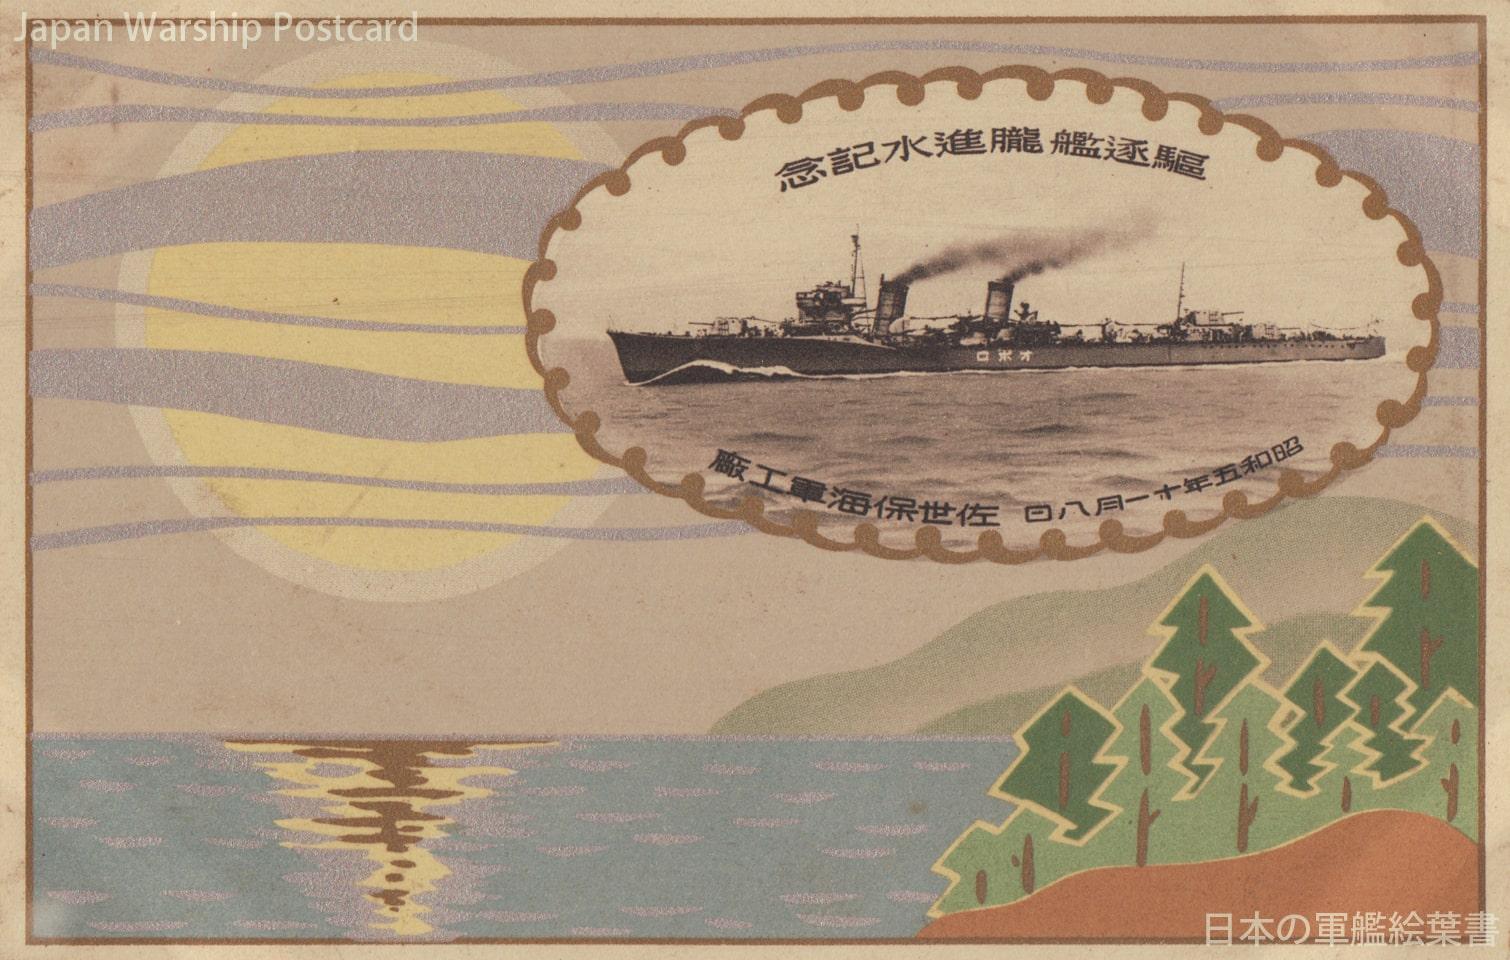 吹雪型駆逐艦「朧」